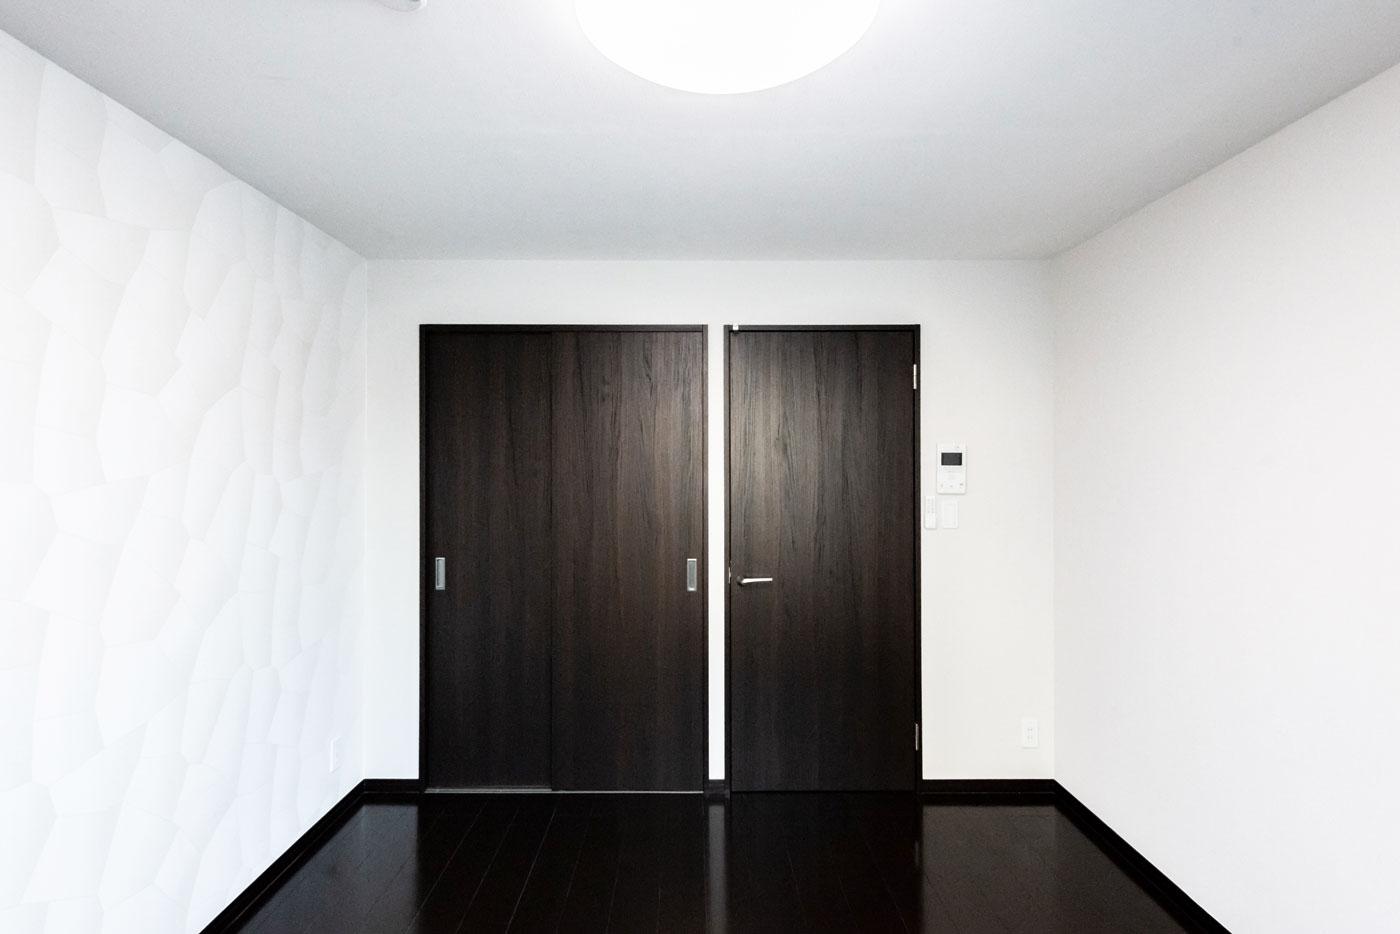 403-2 ドアを閉めたところ